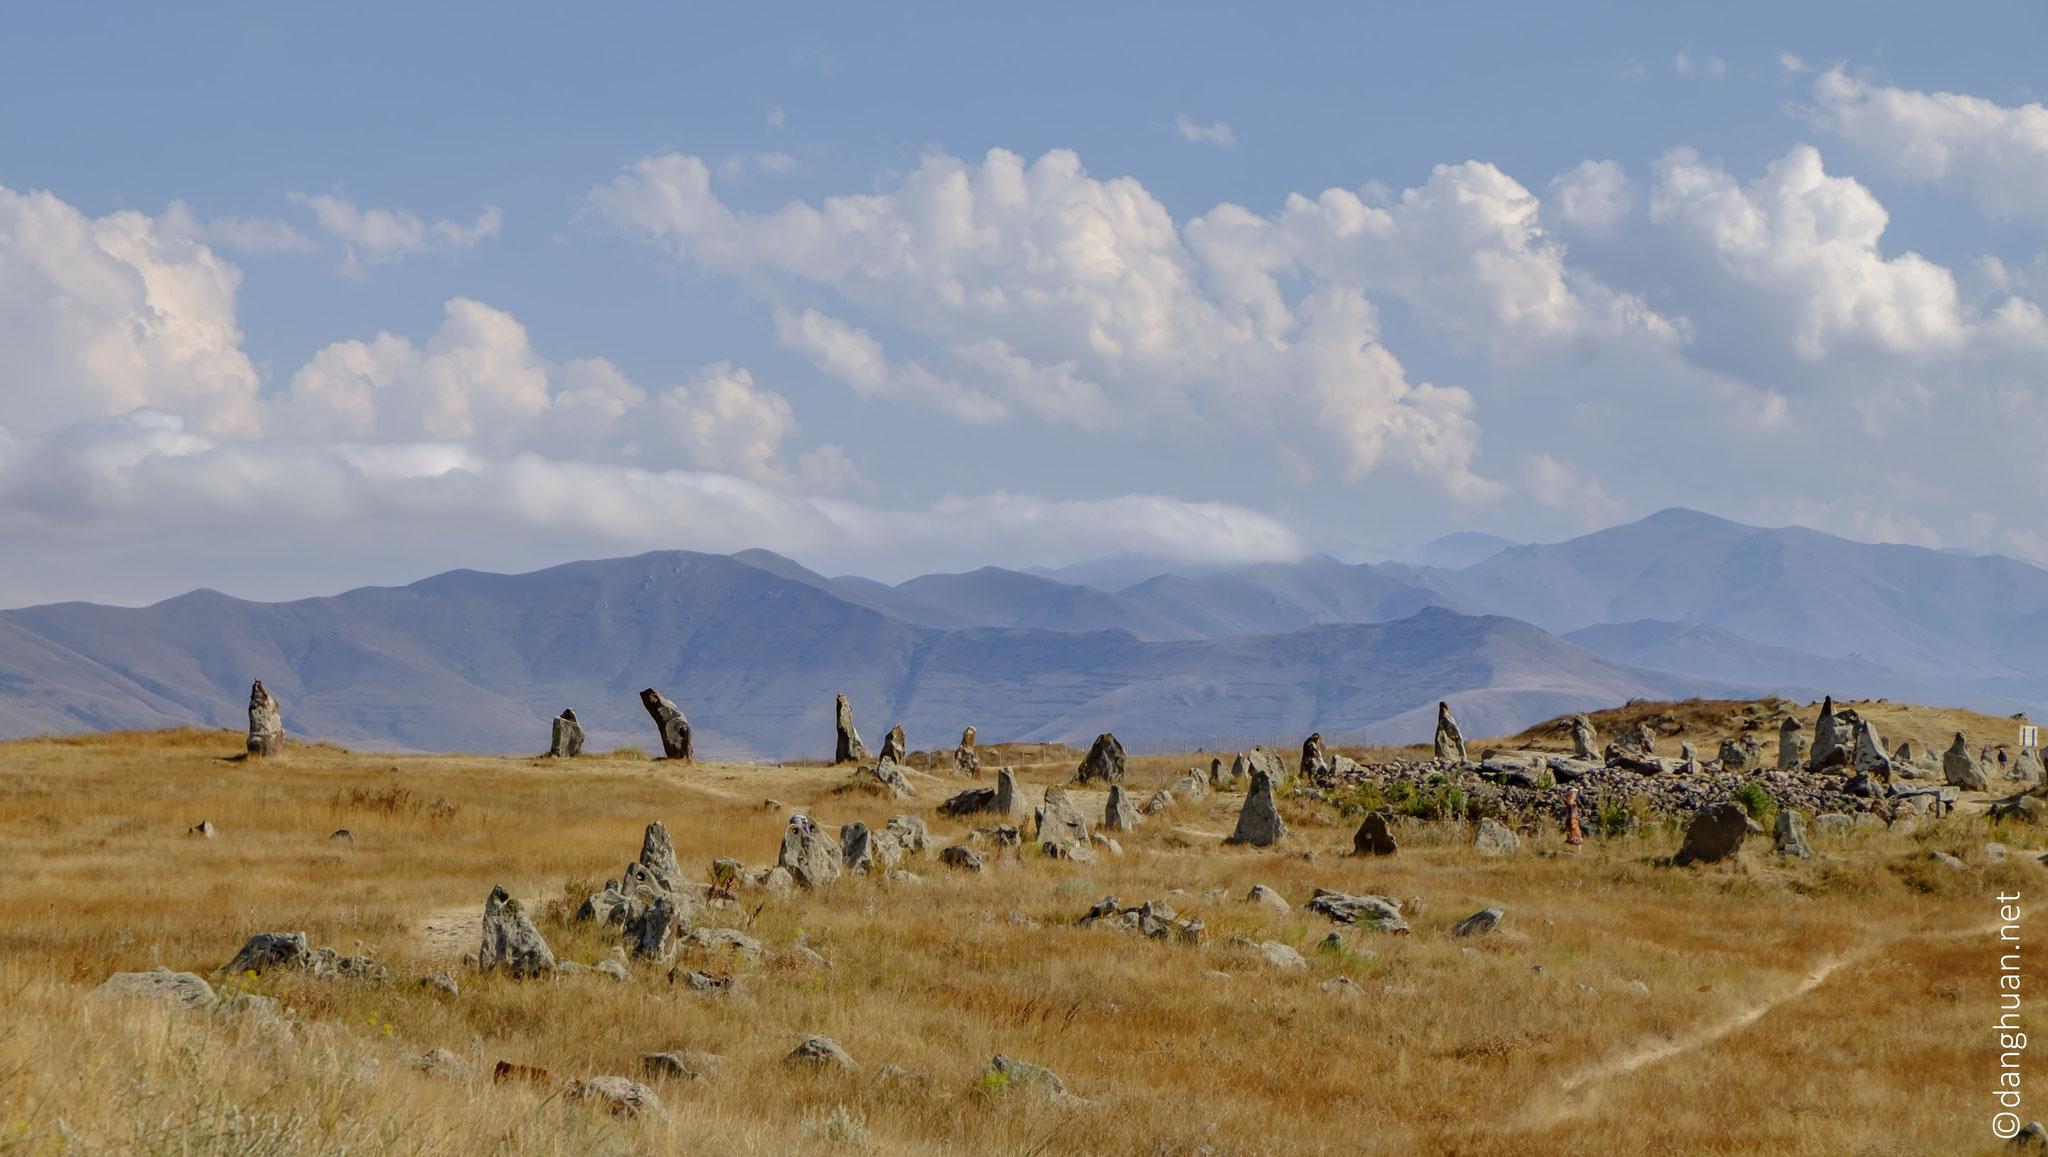 Toutes les pierres du monument sont de basalte et certaines ont des trous